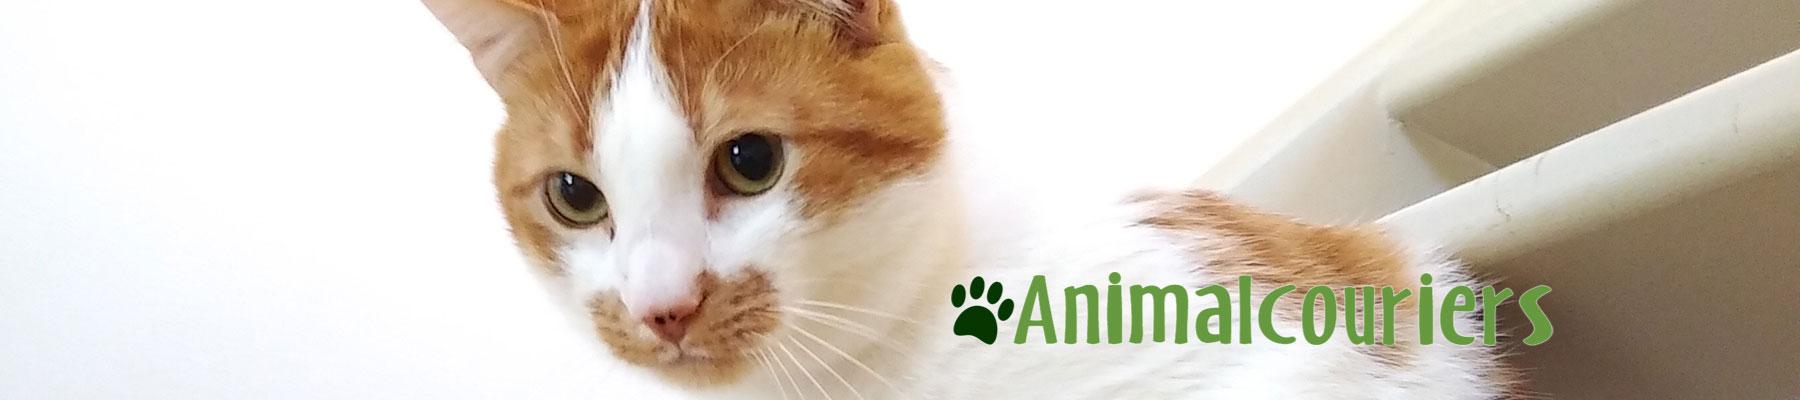 Ginger cat Merlin